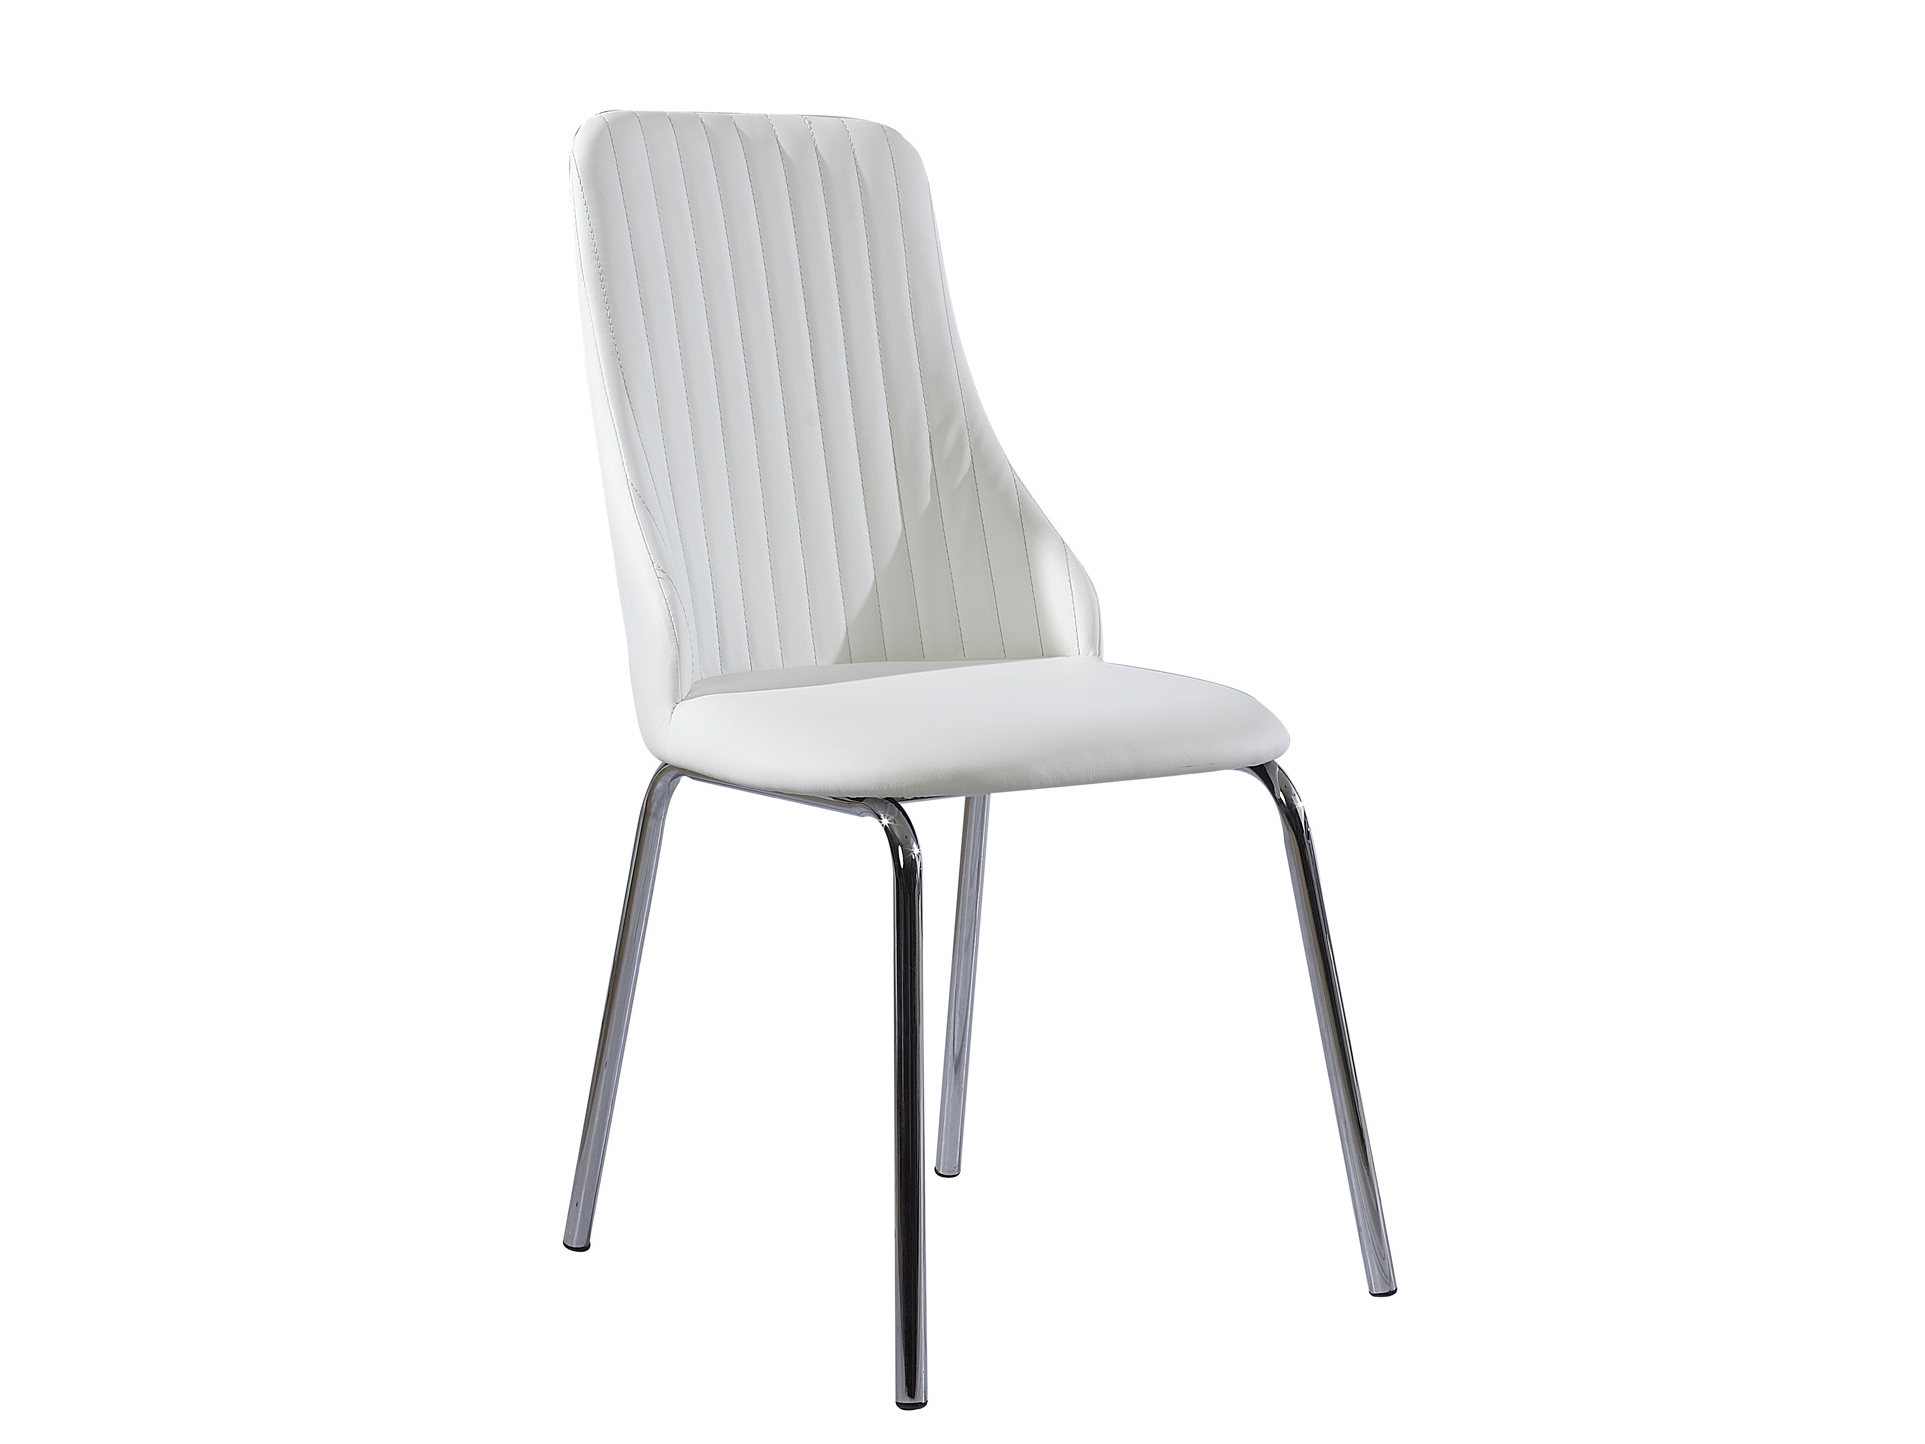 Jedálenská stolička - Halmar - K 172